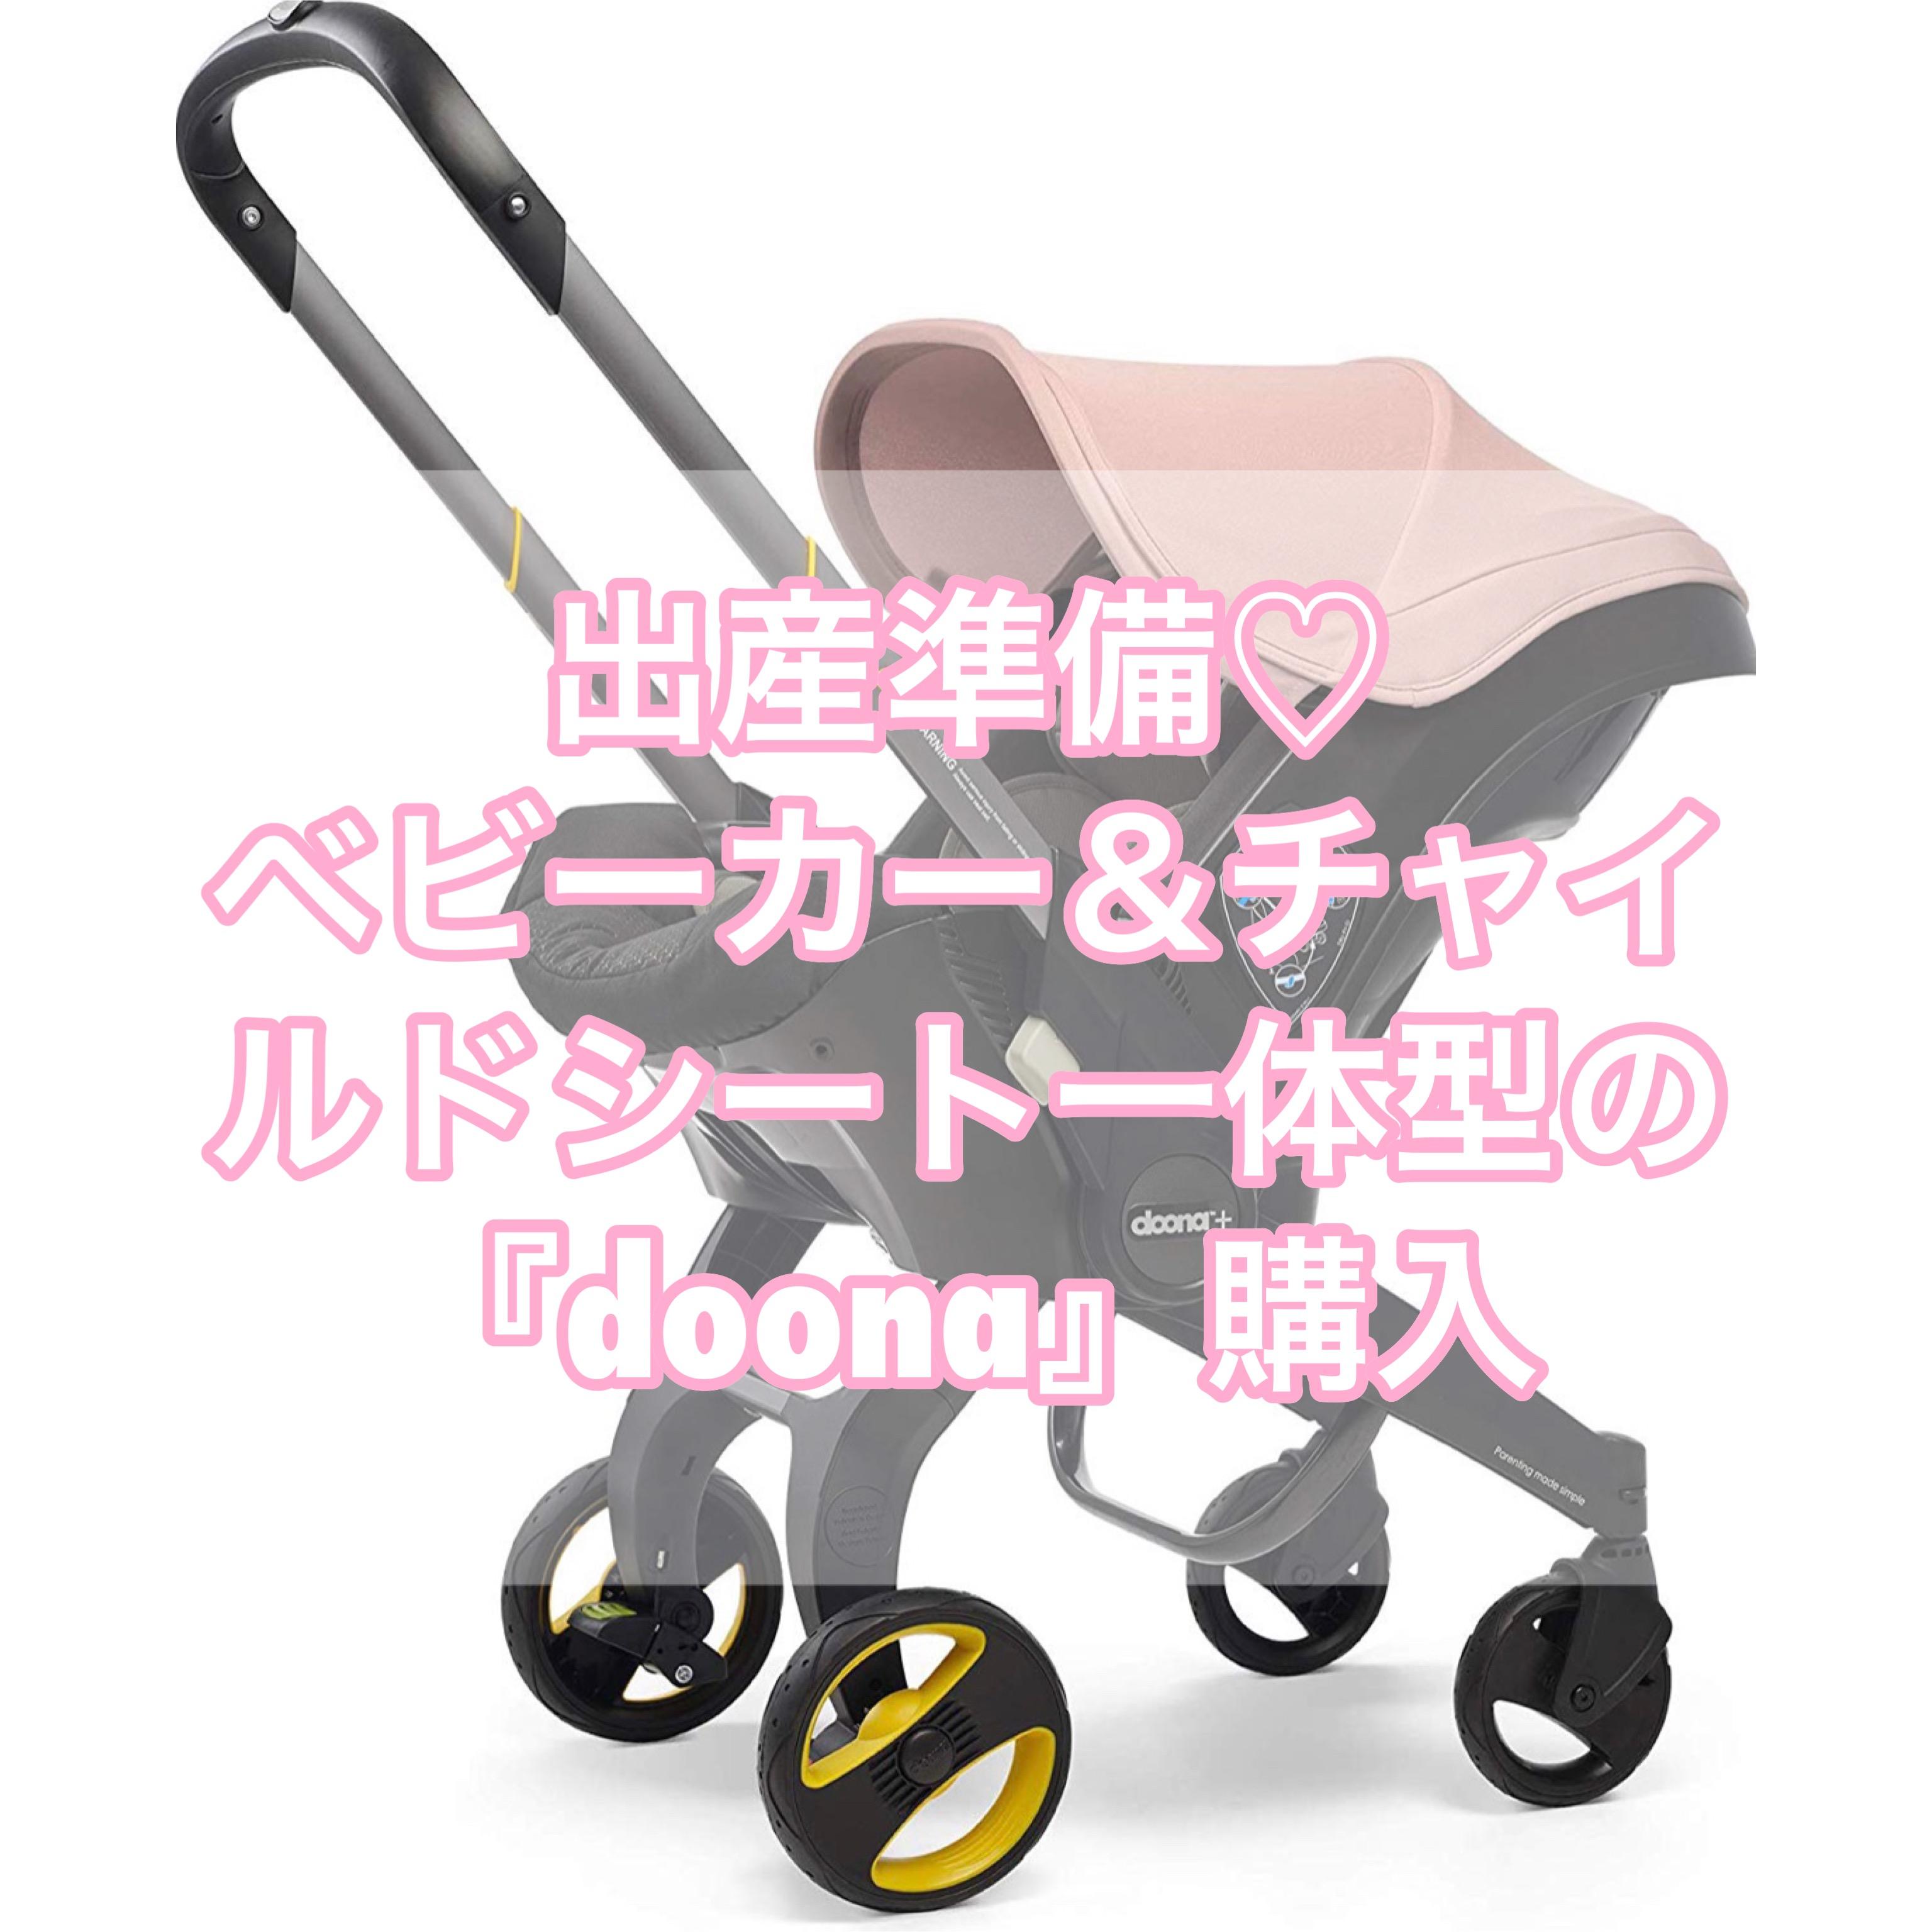 【出産準備】ベビーカー&チャイルドシート一体型の「doona(ドゥーナ)」購入【便利】